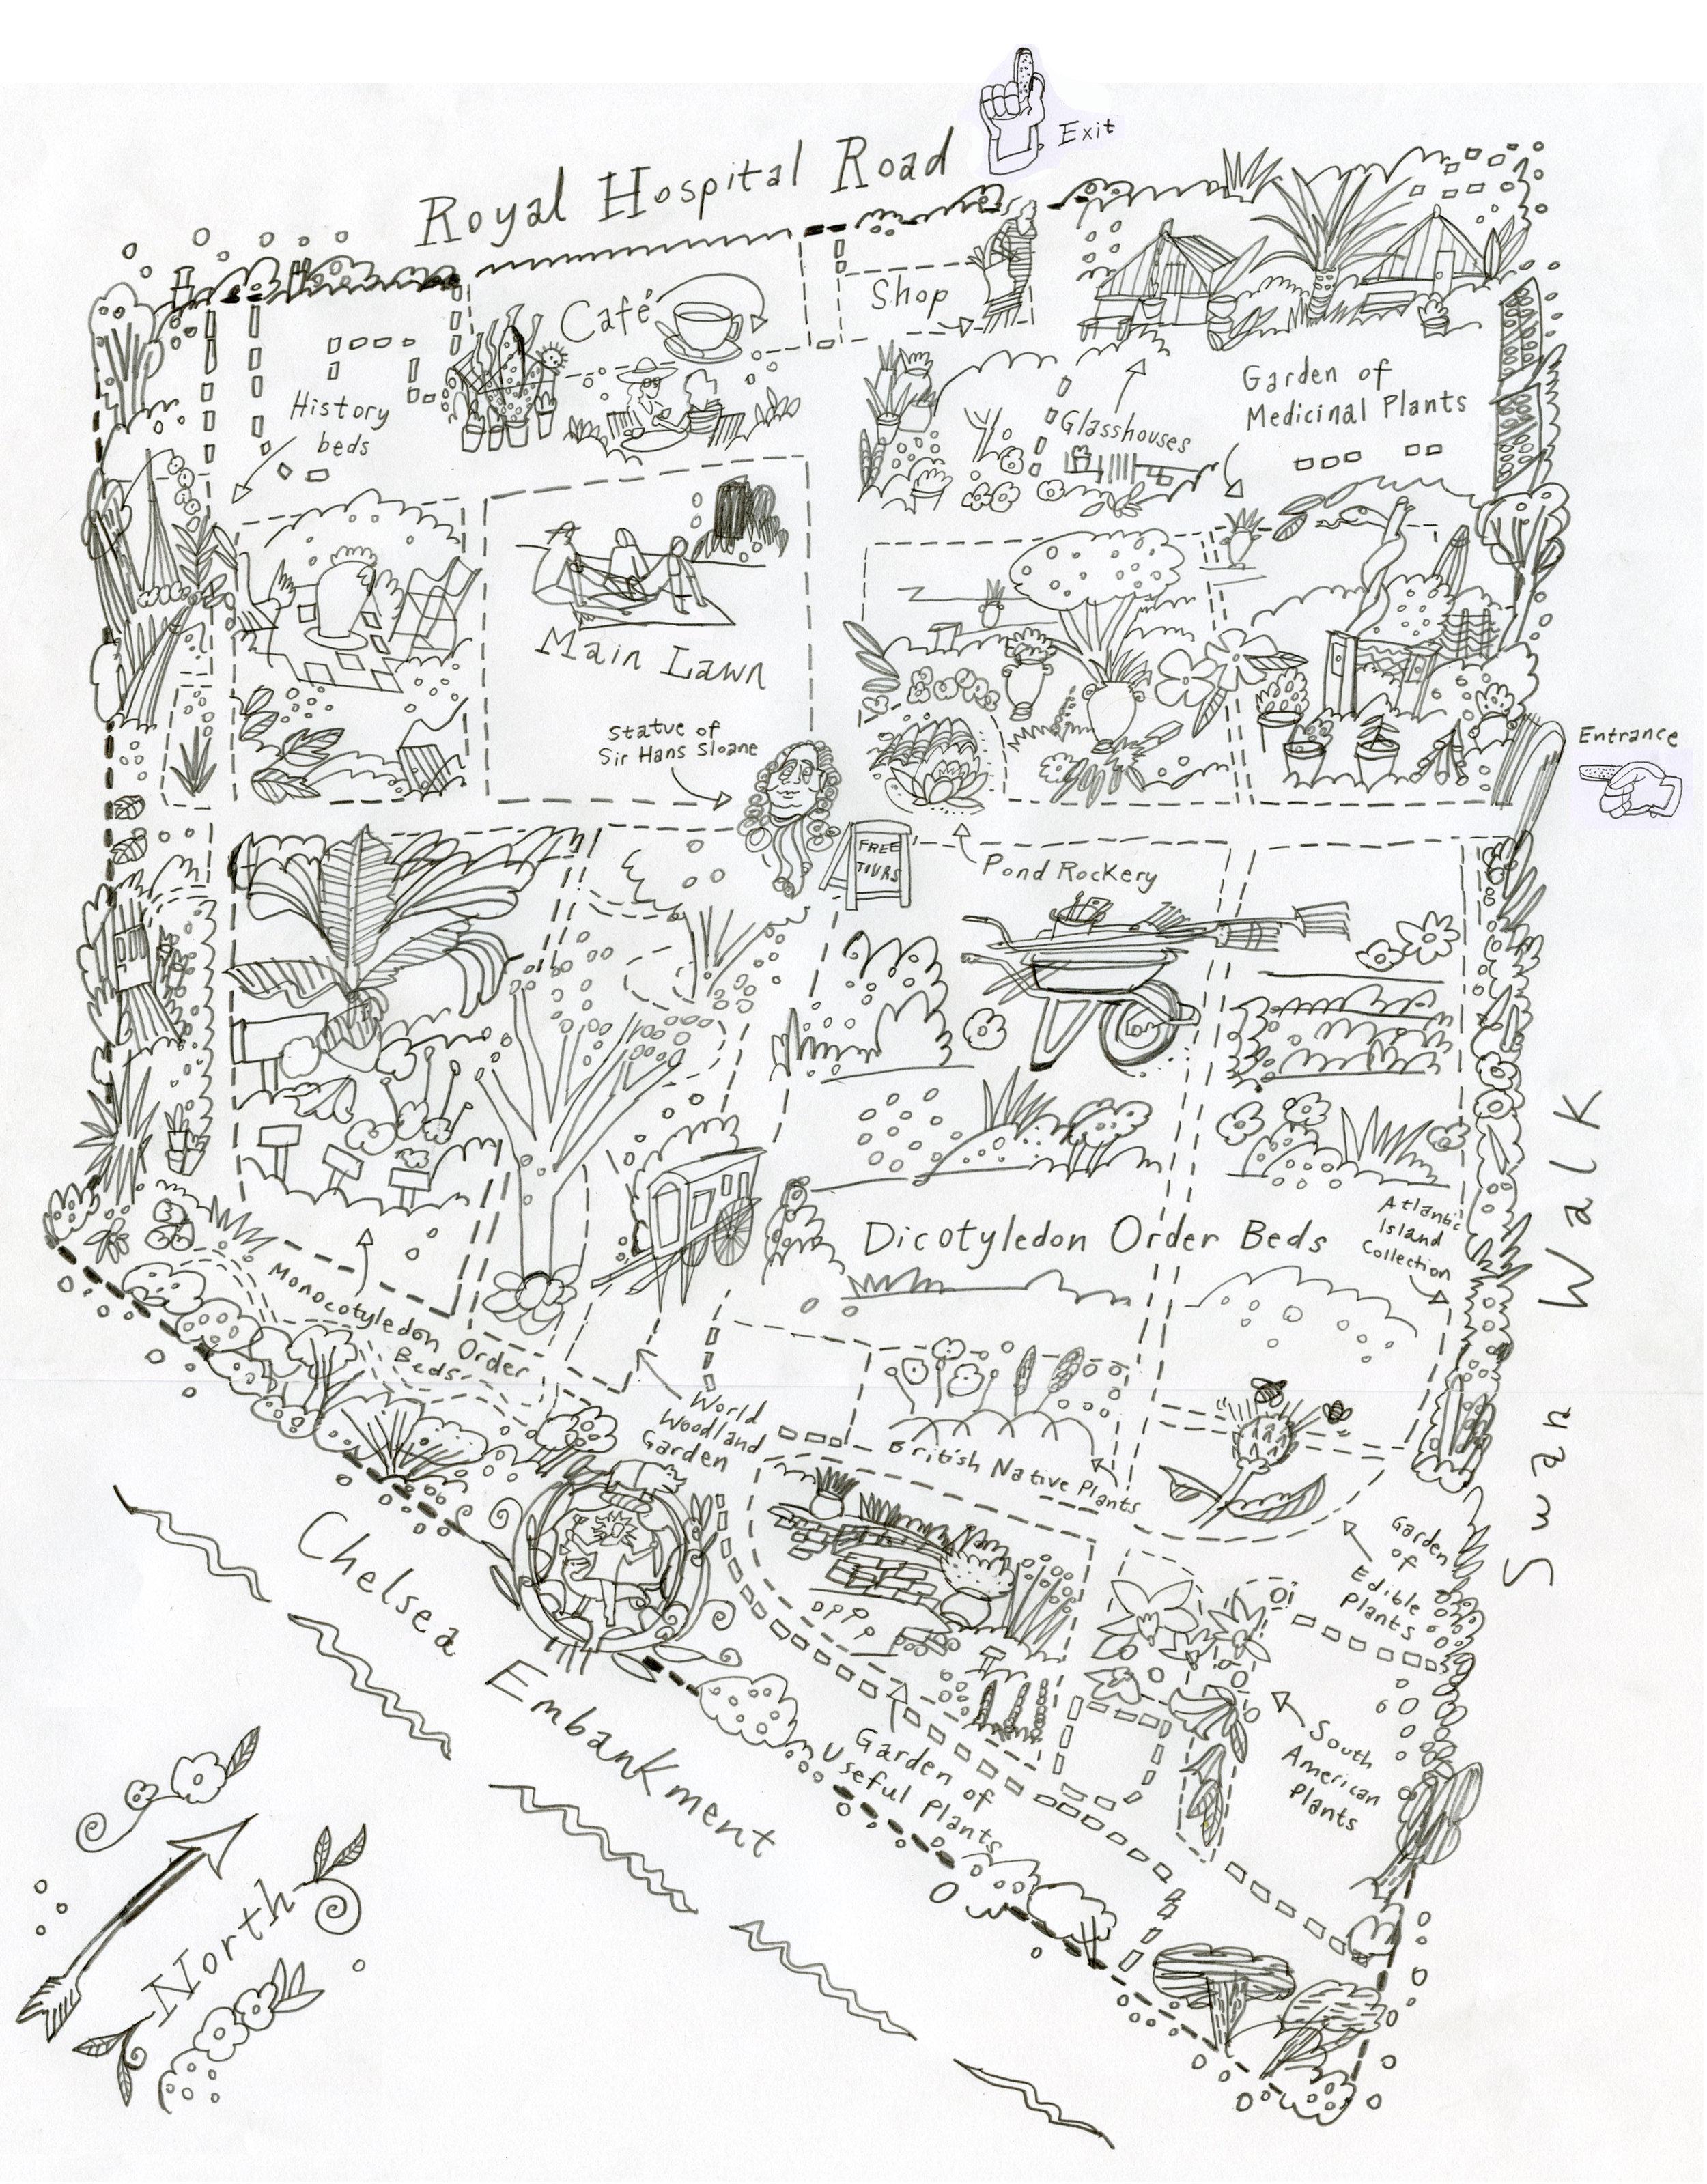 Initial draft sketch in pencil.